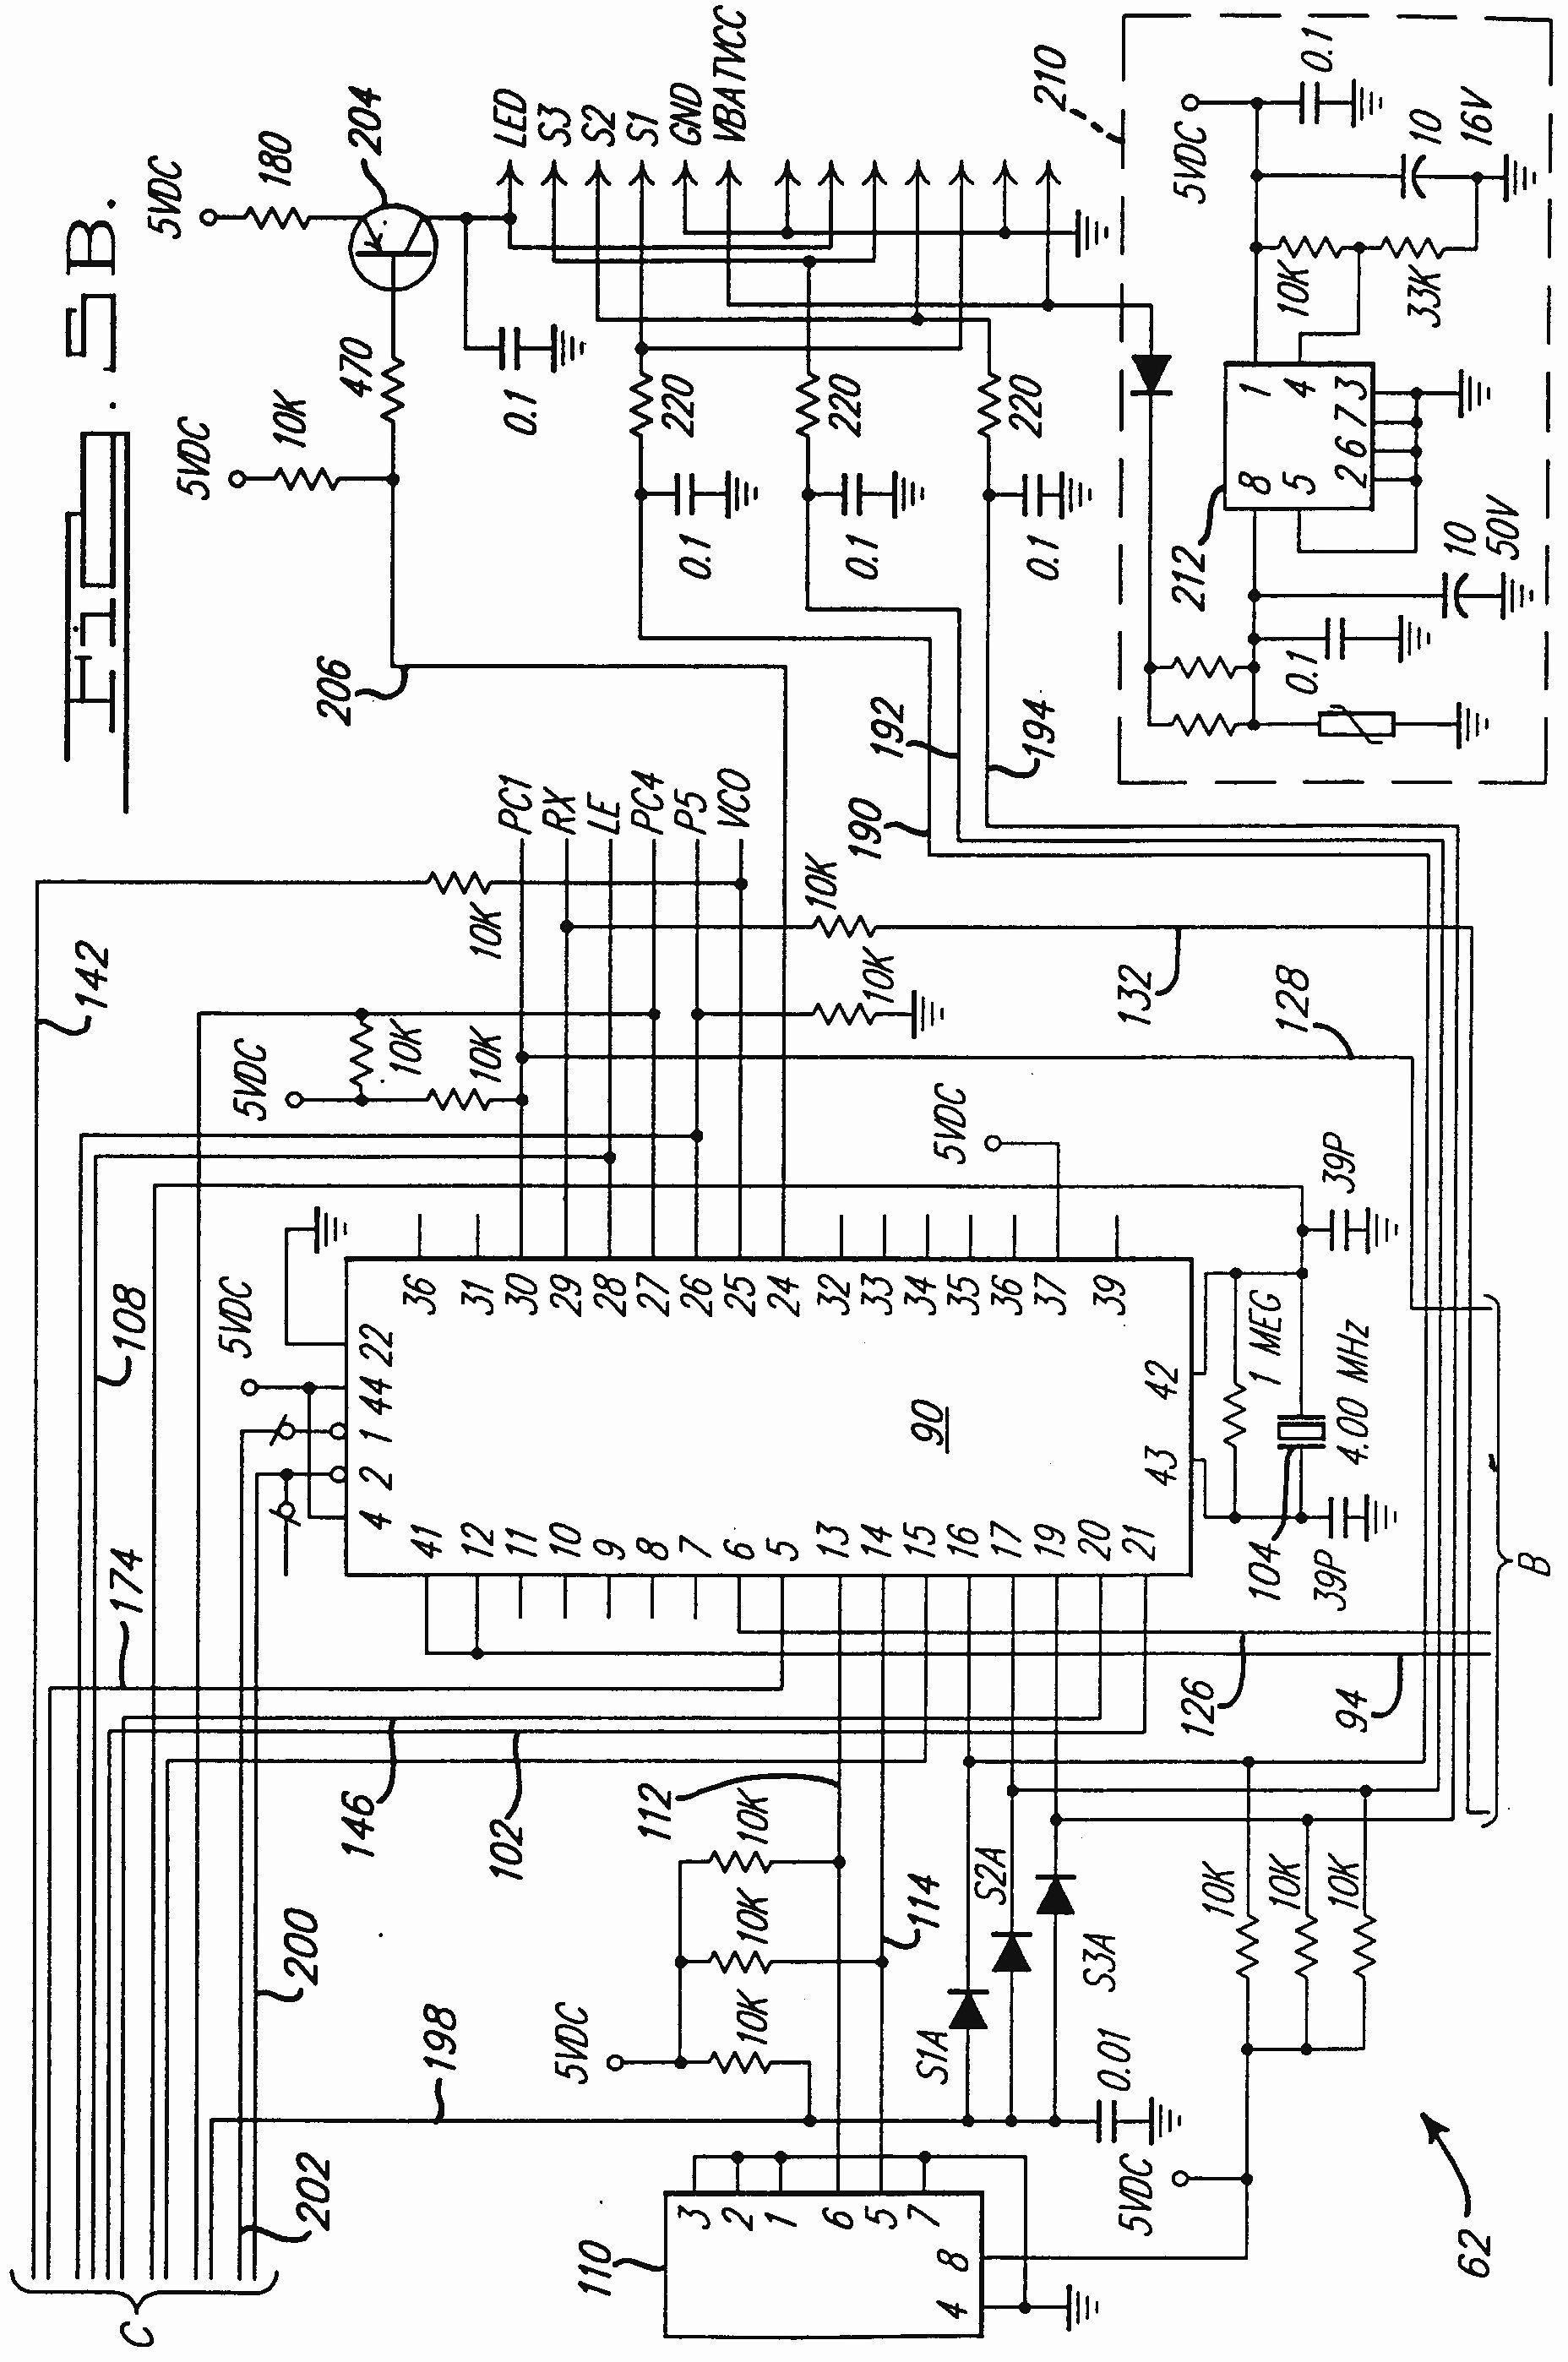 Chamberlain Garage Door Opener Schematic | Manual E-Books - Liftmaster Garage Door Opener Wiring Diagram